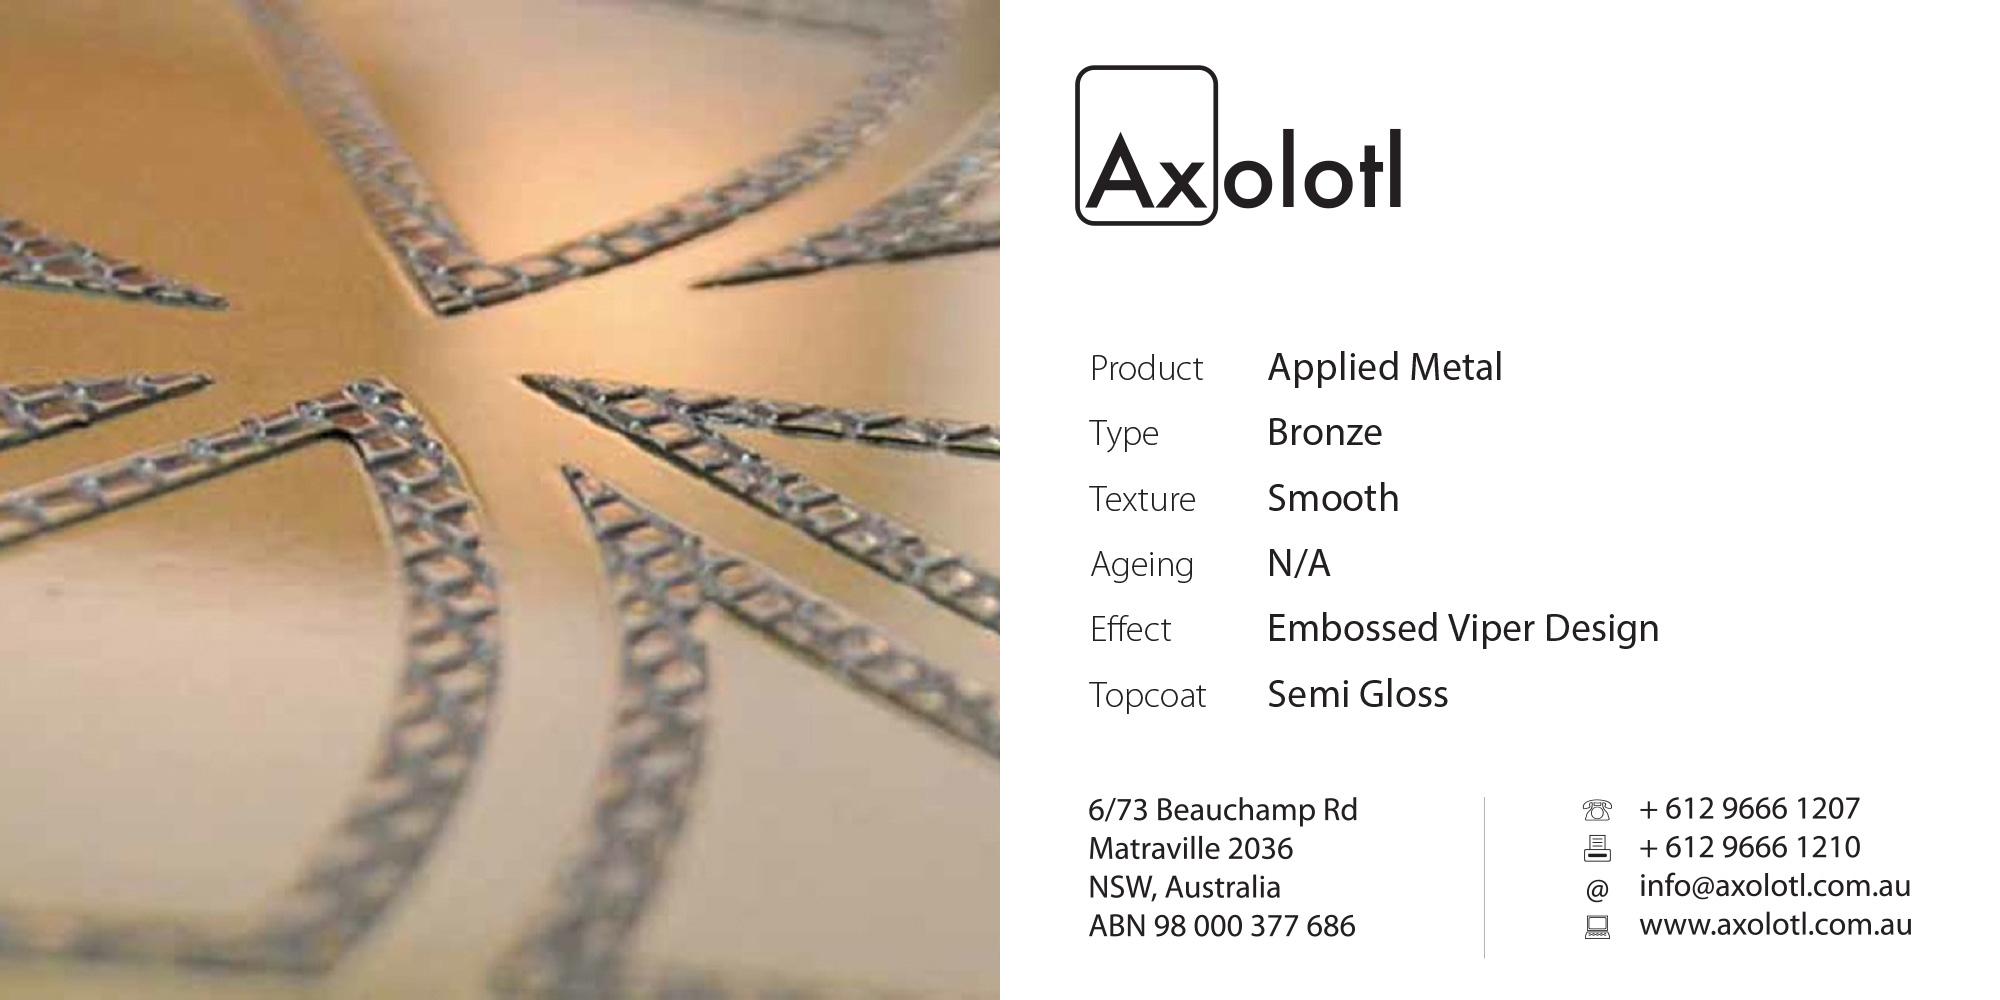 Axolotl-Bronze-Gloss-Viper-3.jpg